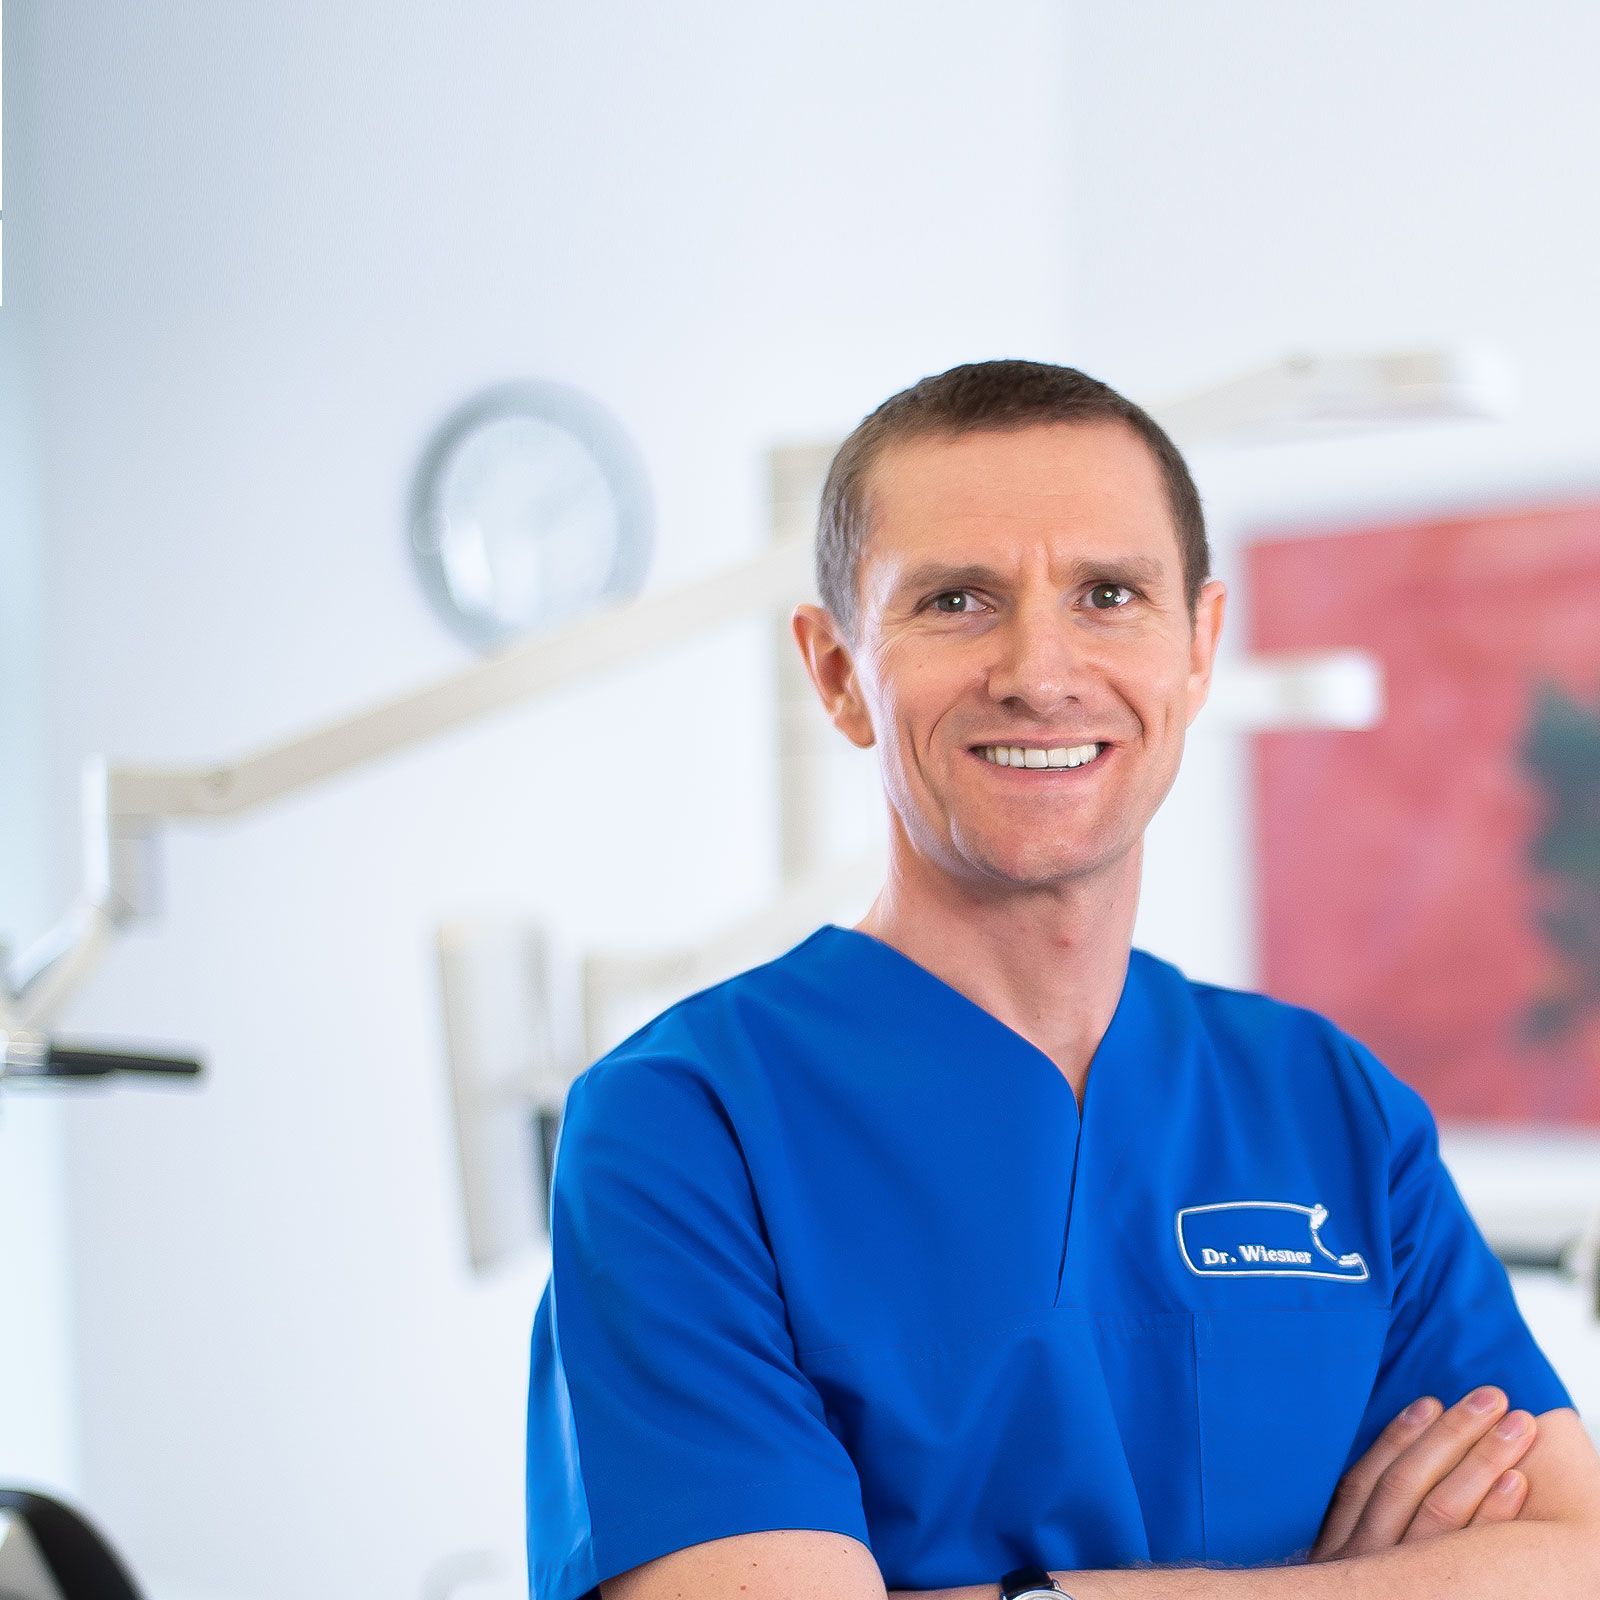 Dr. Dr. Wiesner ist Ihr Zahnarzt in Innsbruck.